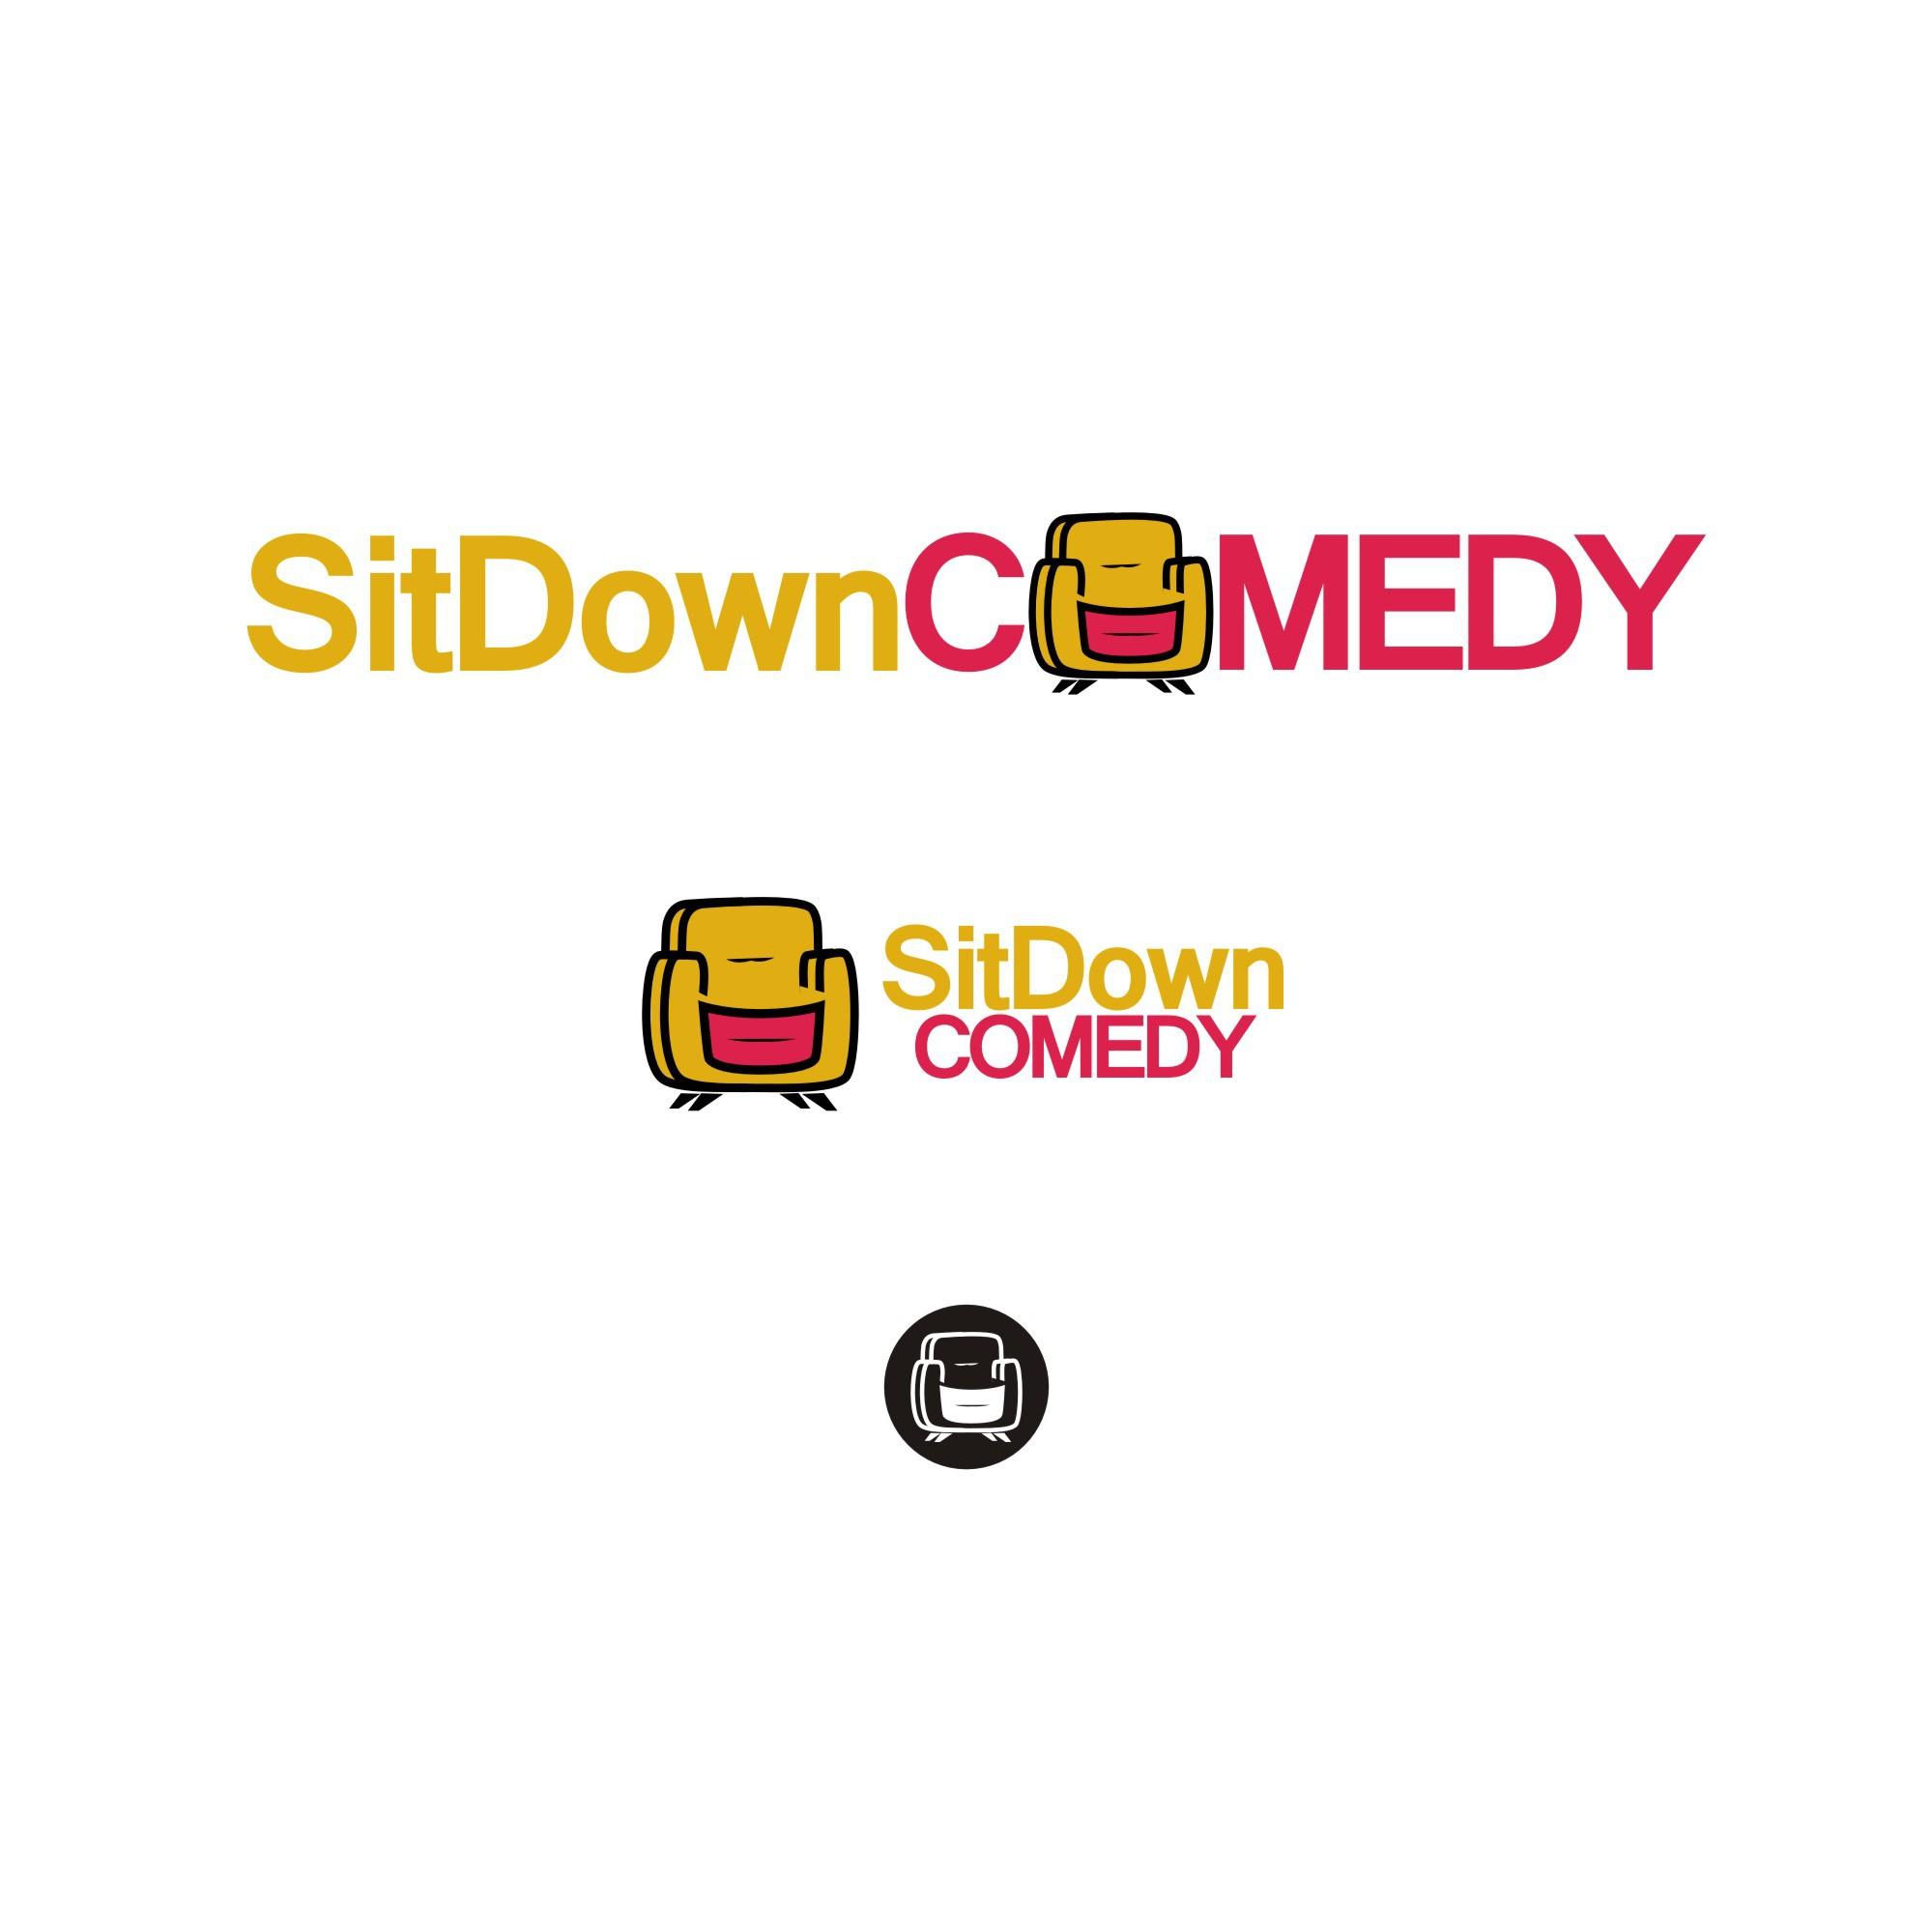 Sit down comedy/sit down logo!